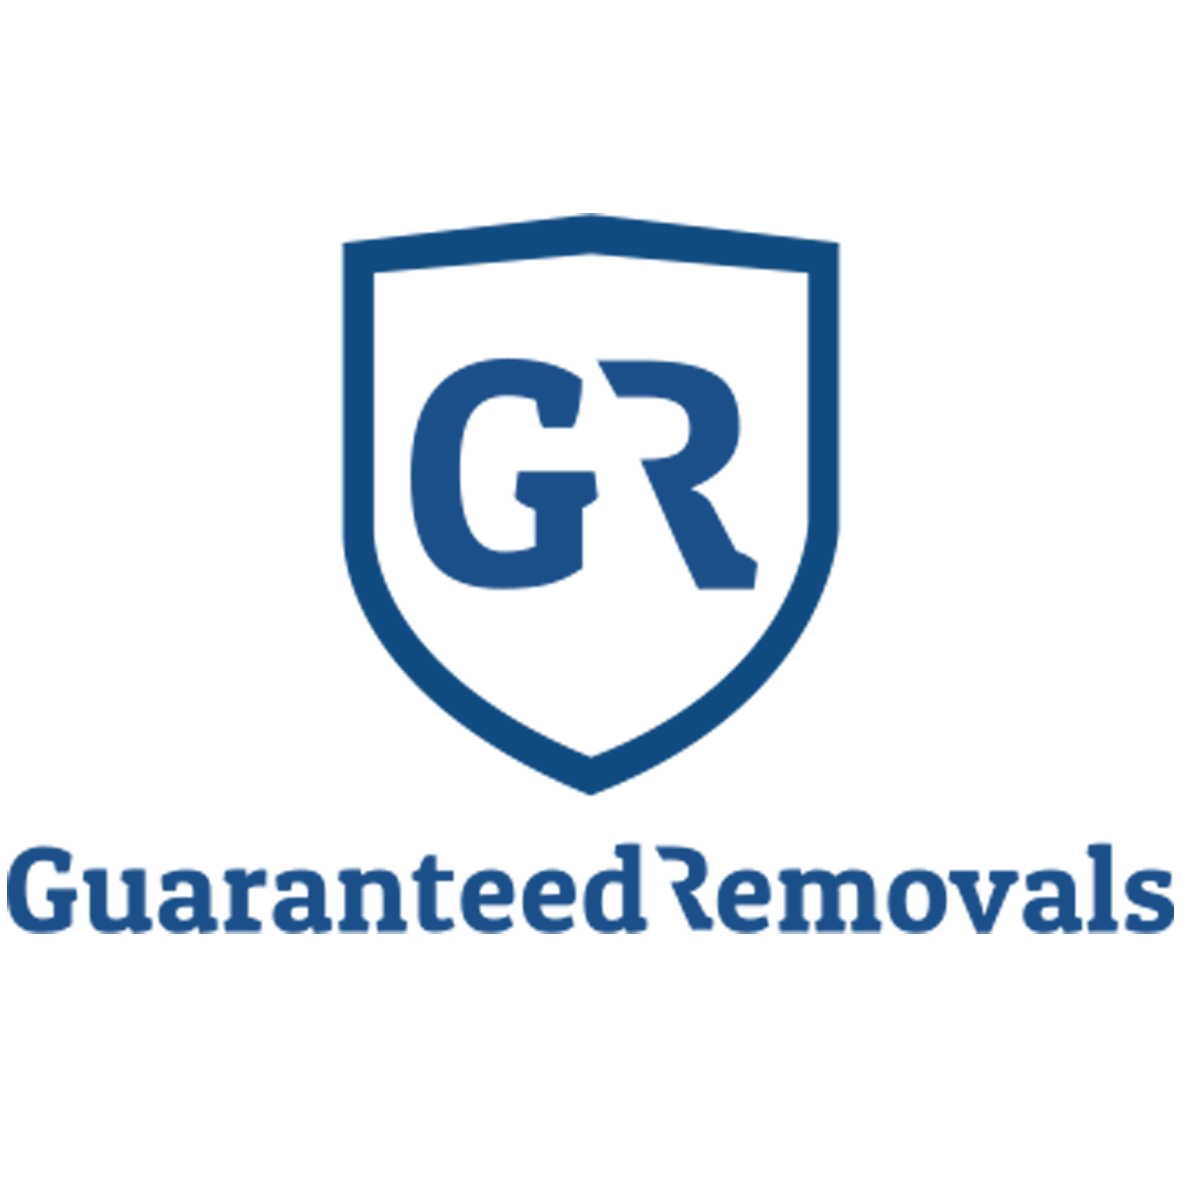 Guaranteed Removals